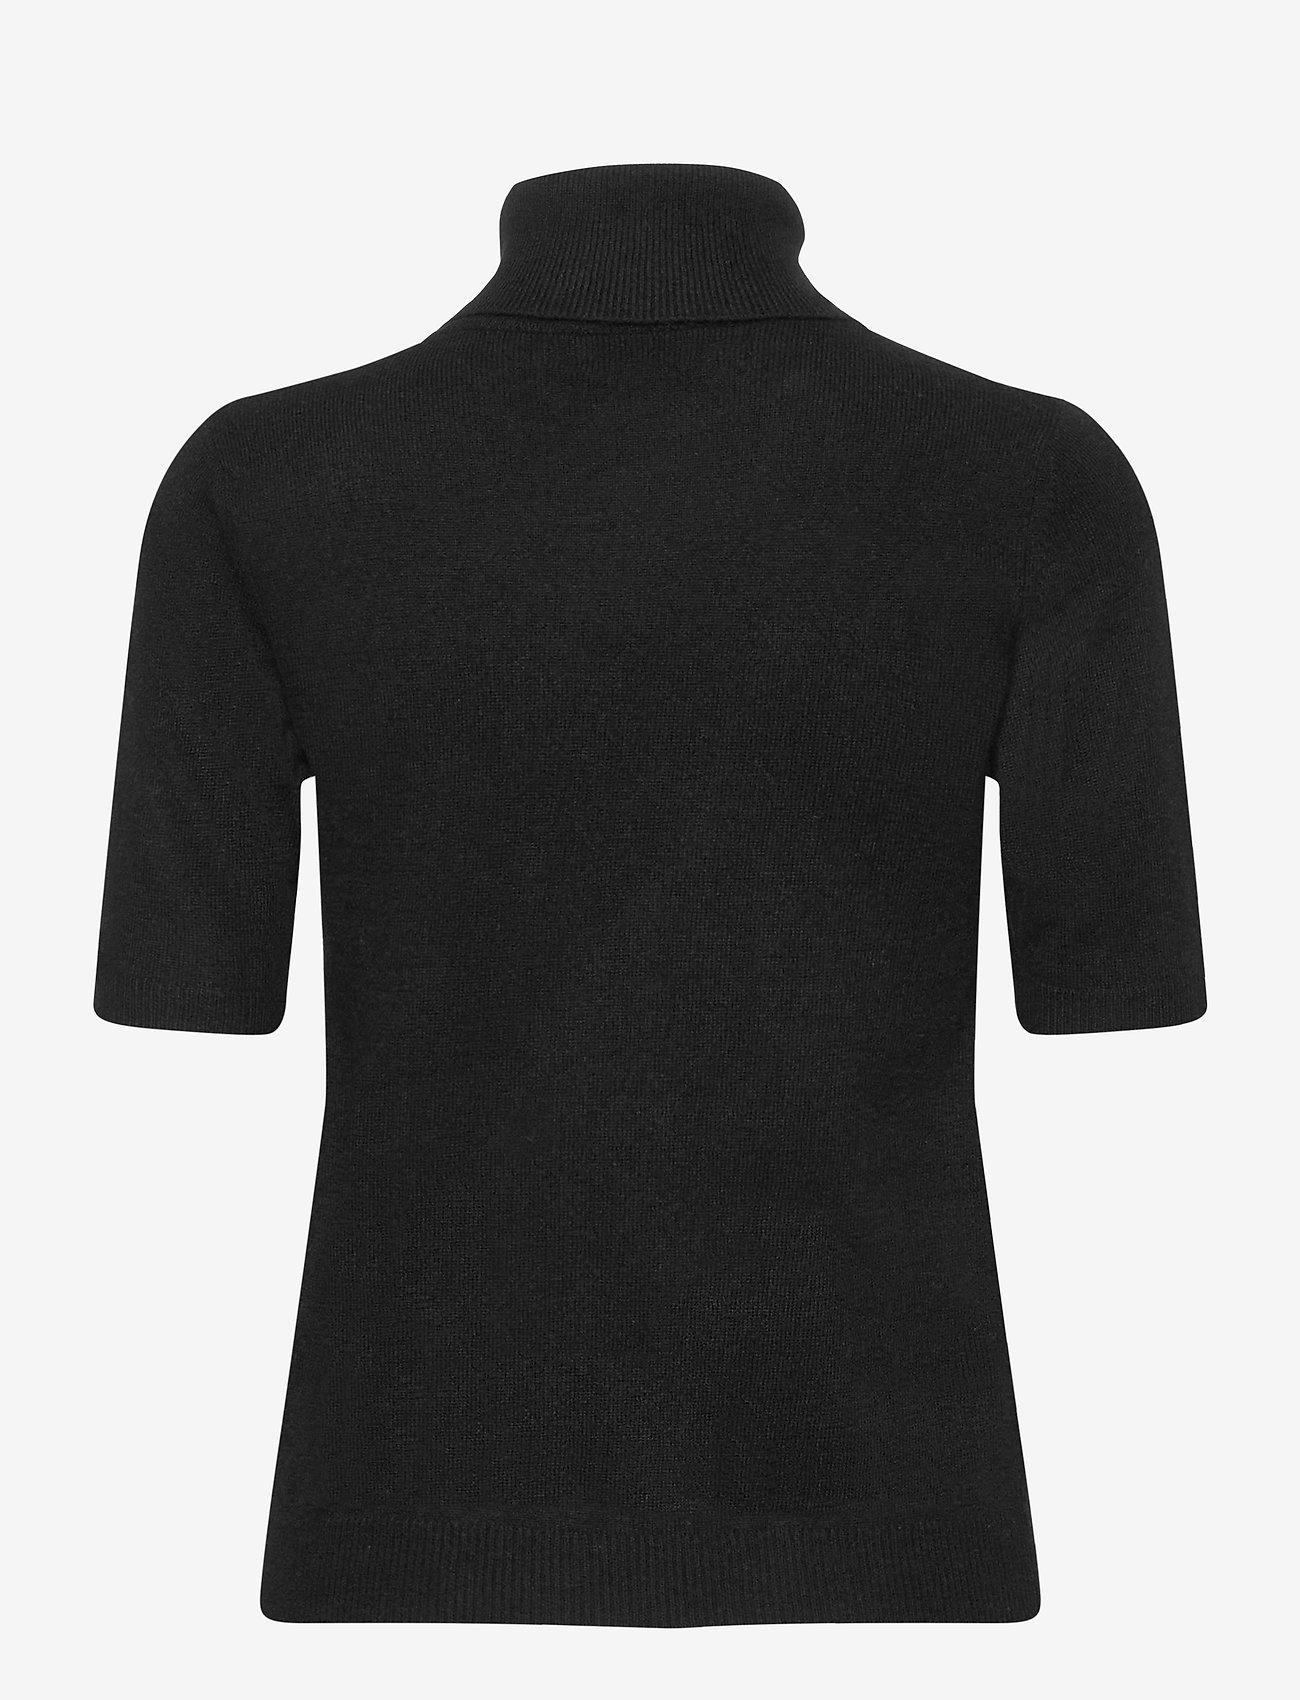 Davida Cashmere - Turtleneck T-shirt - knitted tops - black - 1